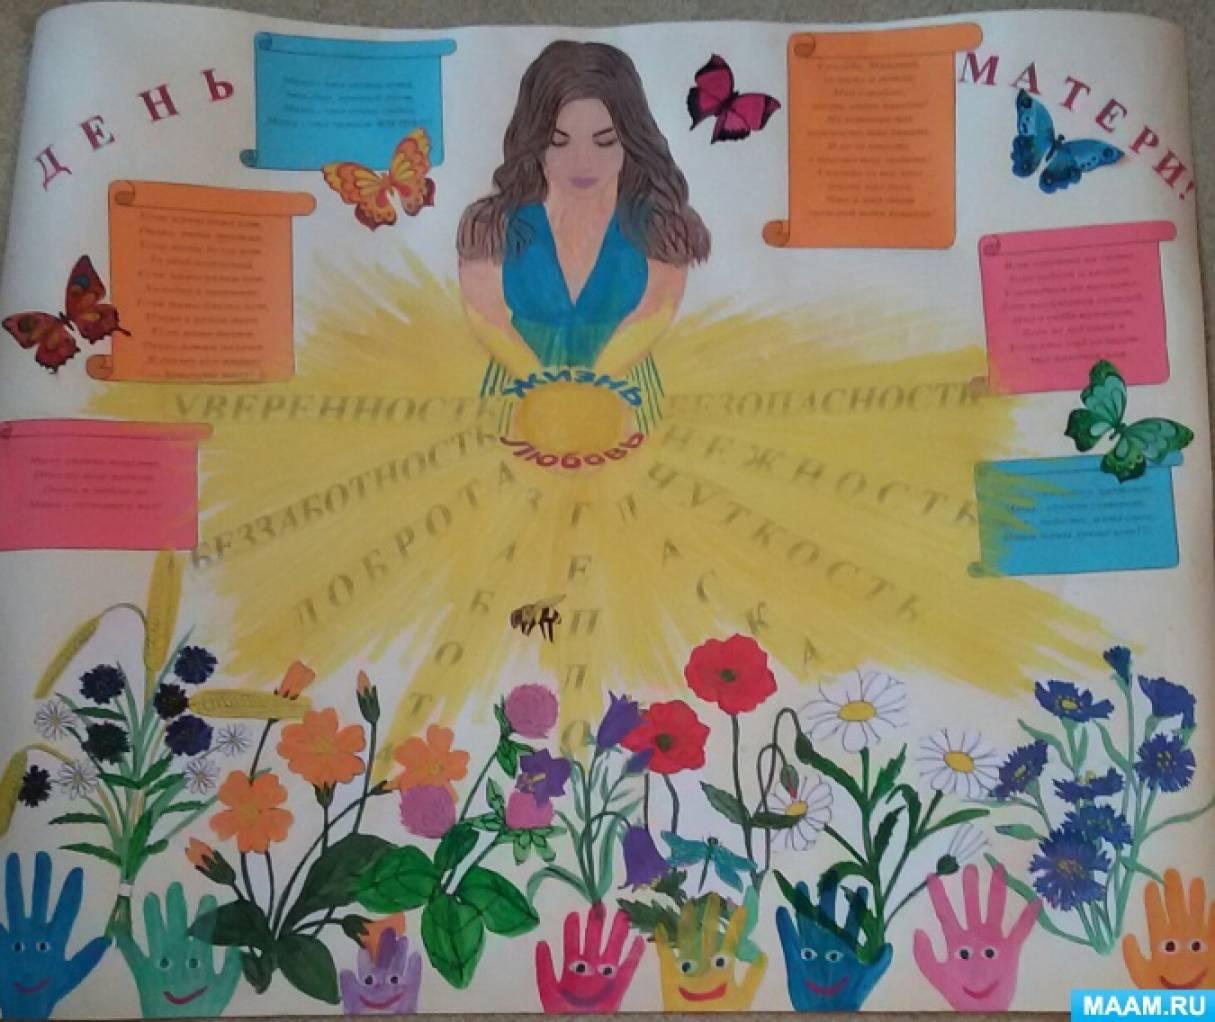 Плаката ко дню матери своими руками 41